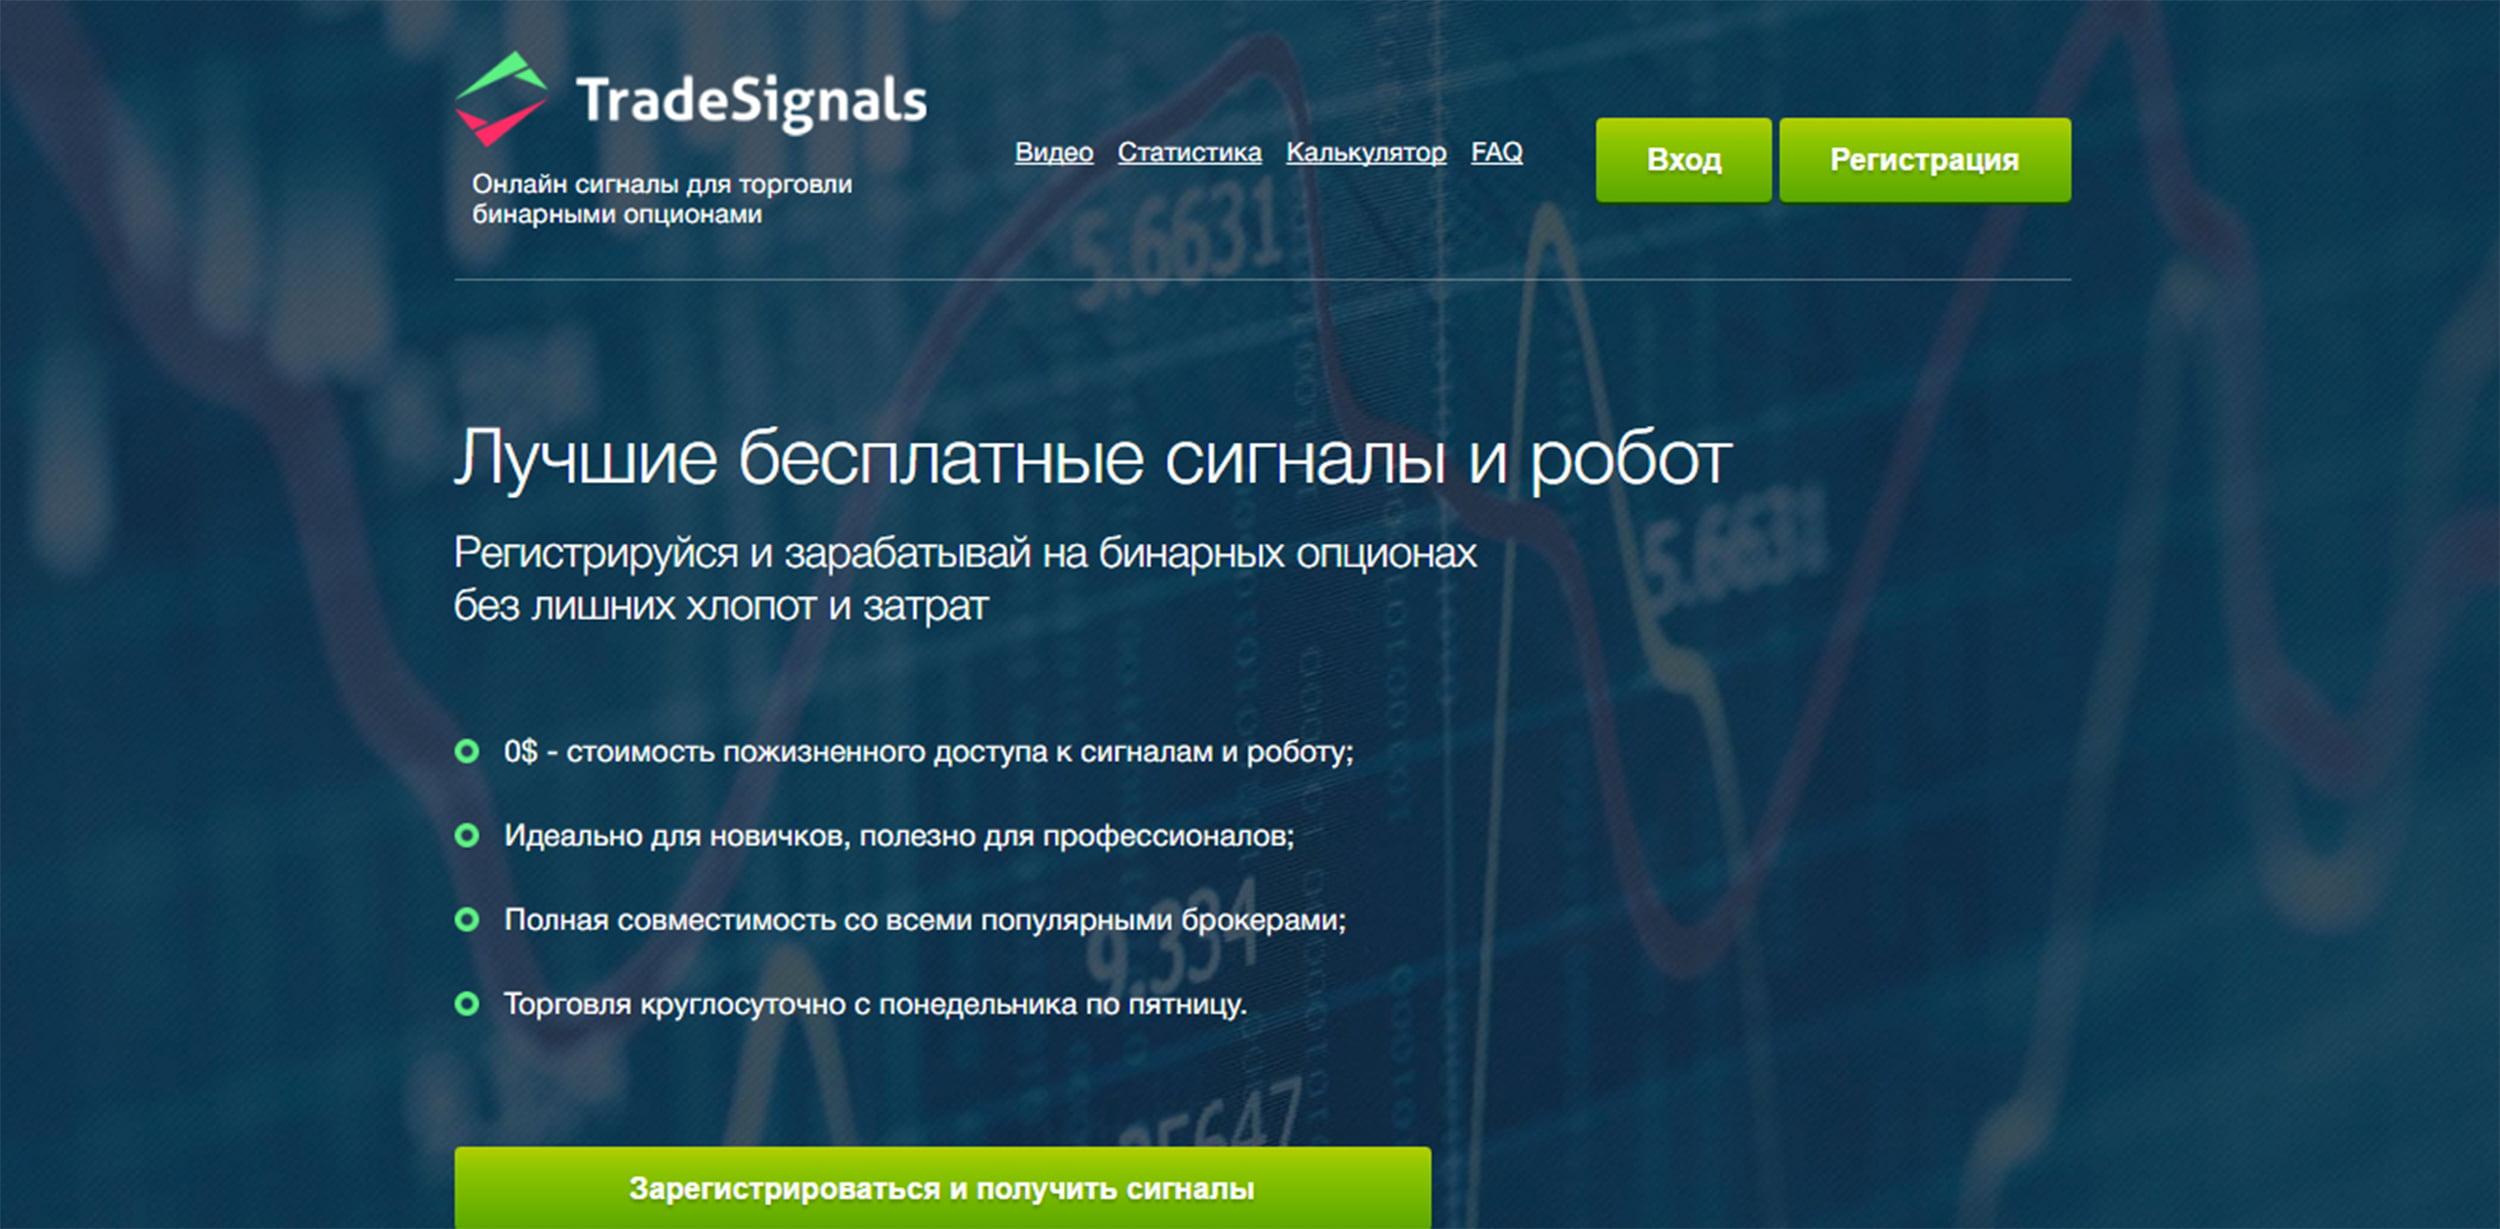 Пользоваться TSignals.net или торговать самостоятельно? Что выгодней и безопасней?